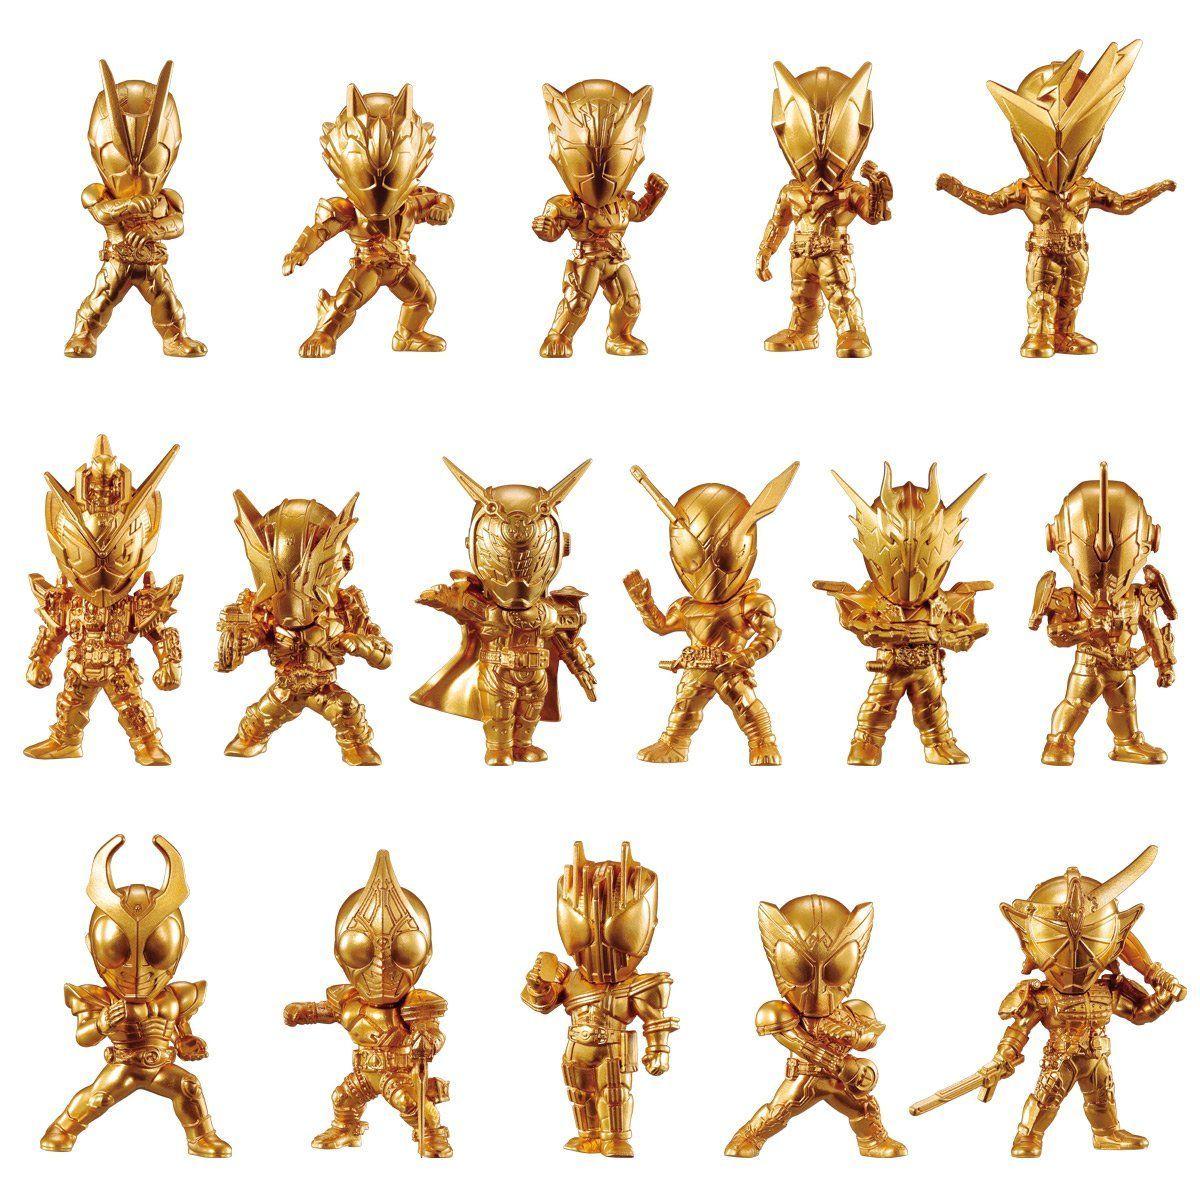 【食玩】『仮面ライダーゴールドフィギュア01』16個入りBOX-001